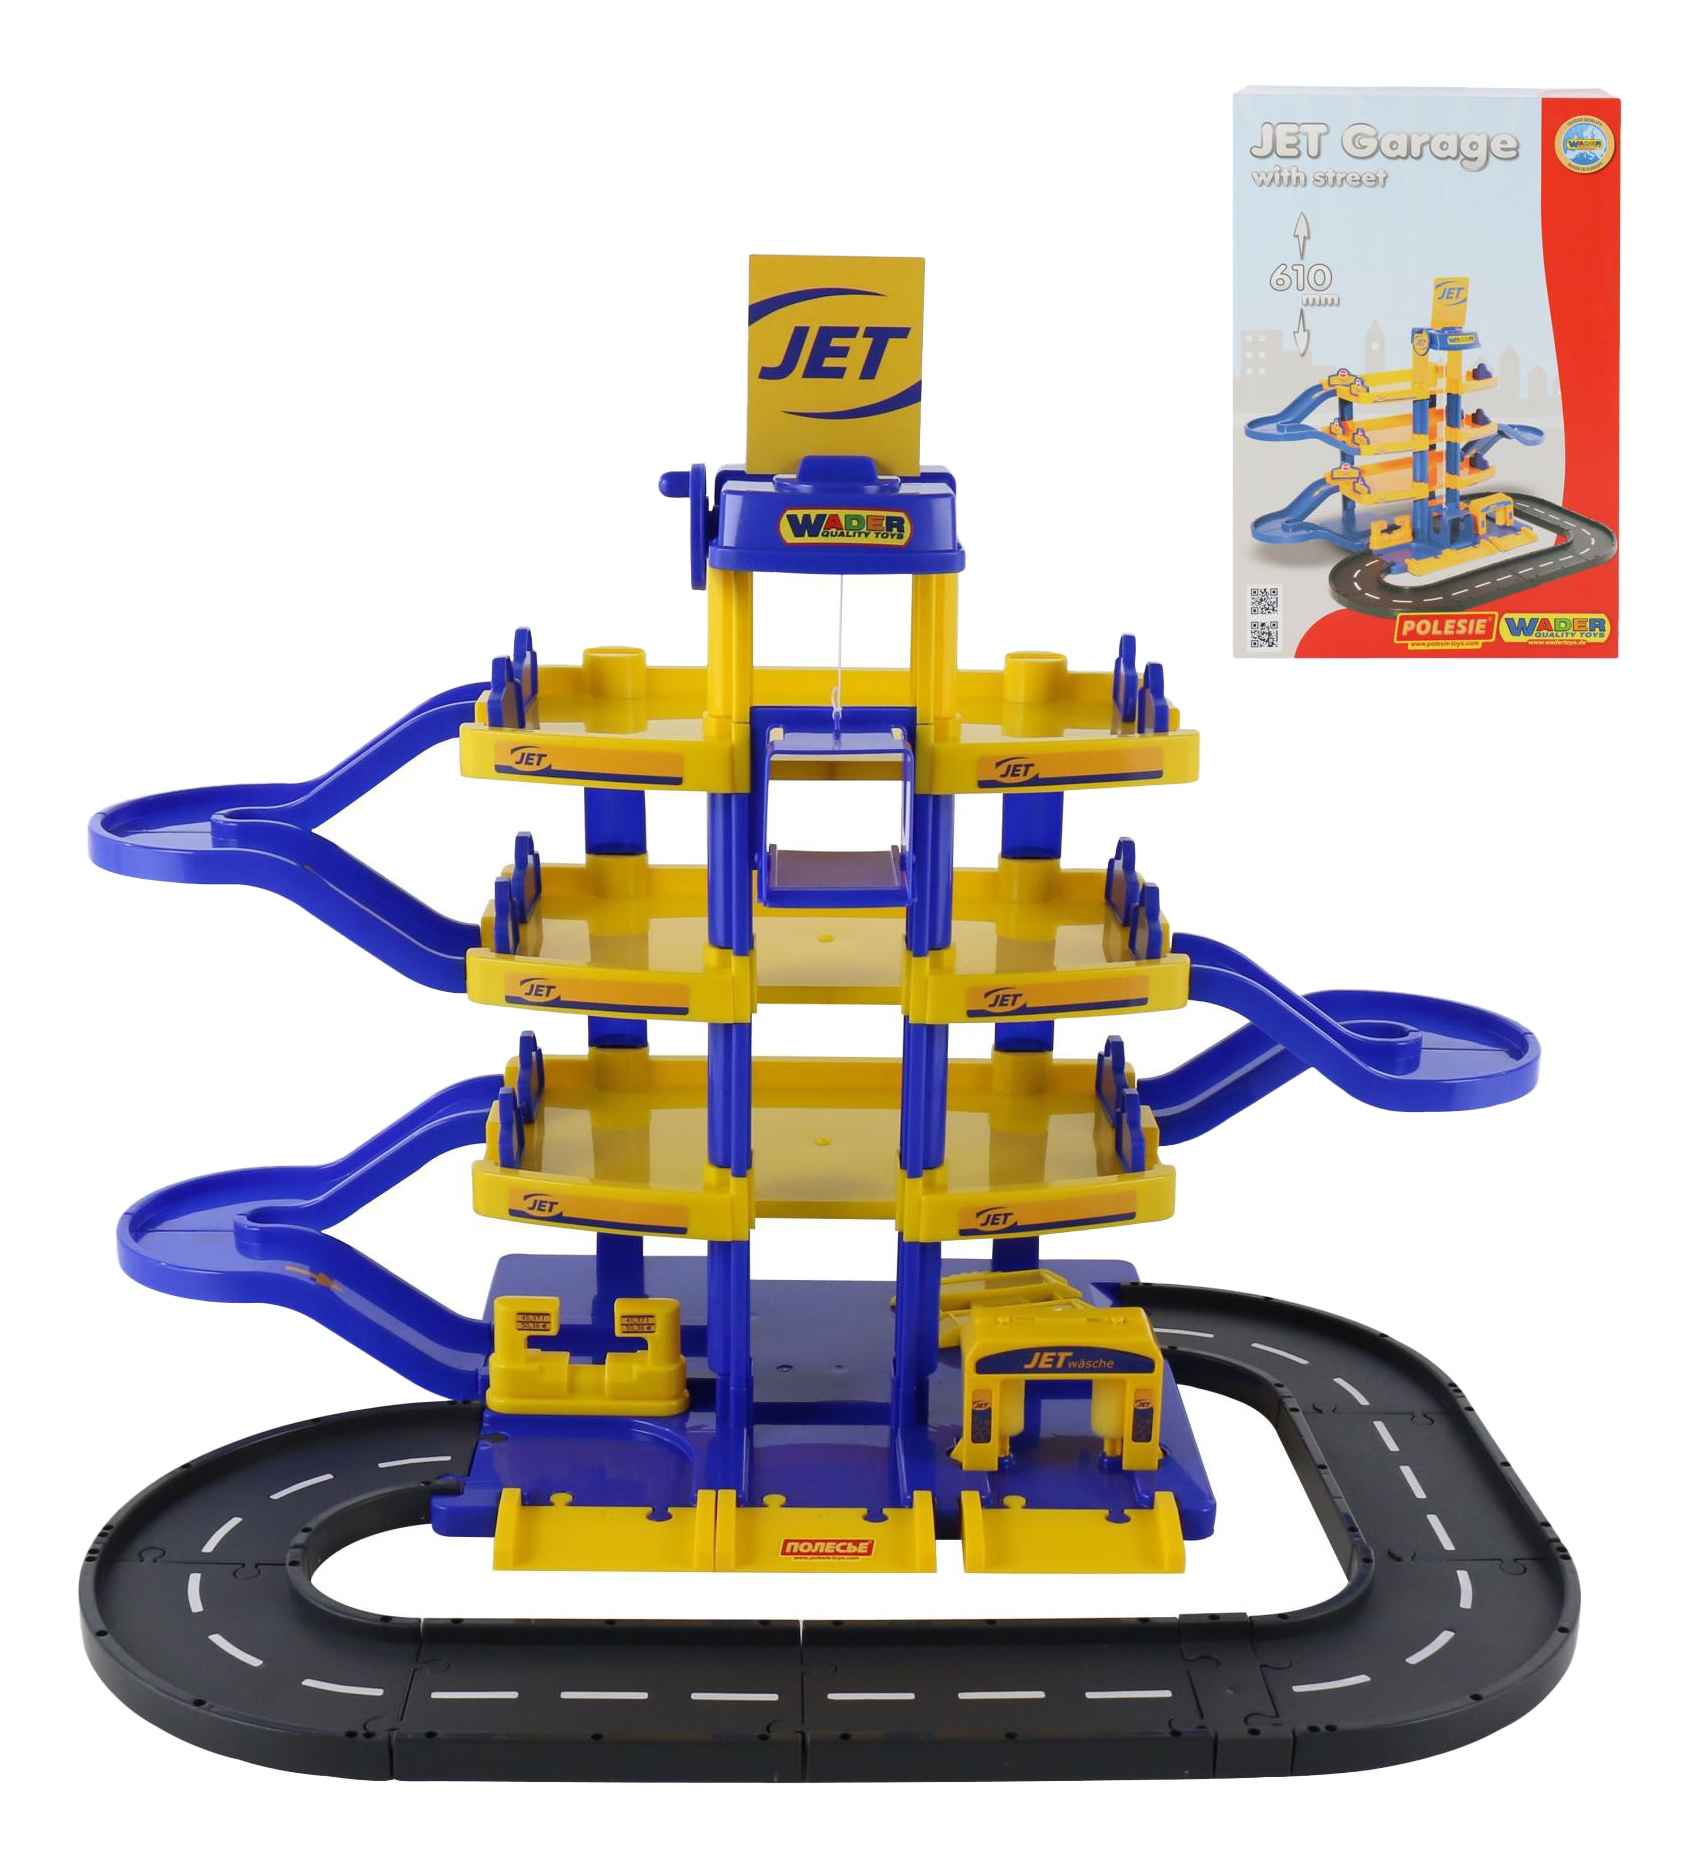 Купить Парковка игрушечная Wader JET 4-х уровневый с дорогой,